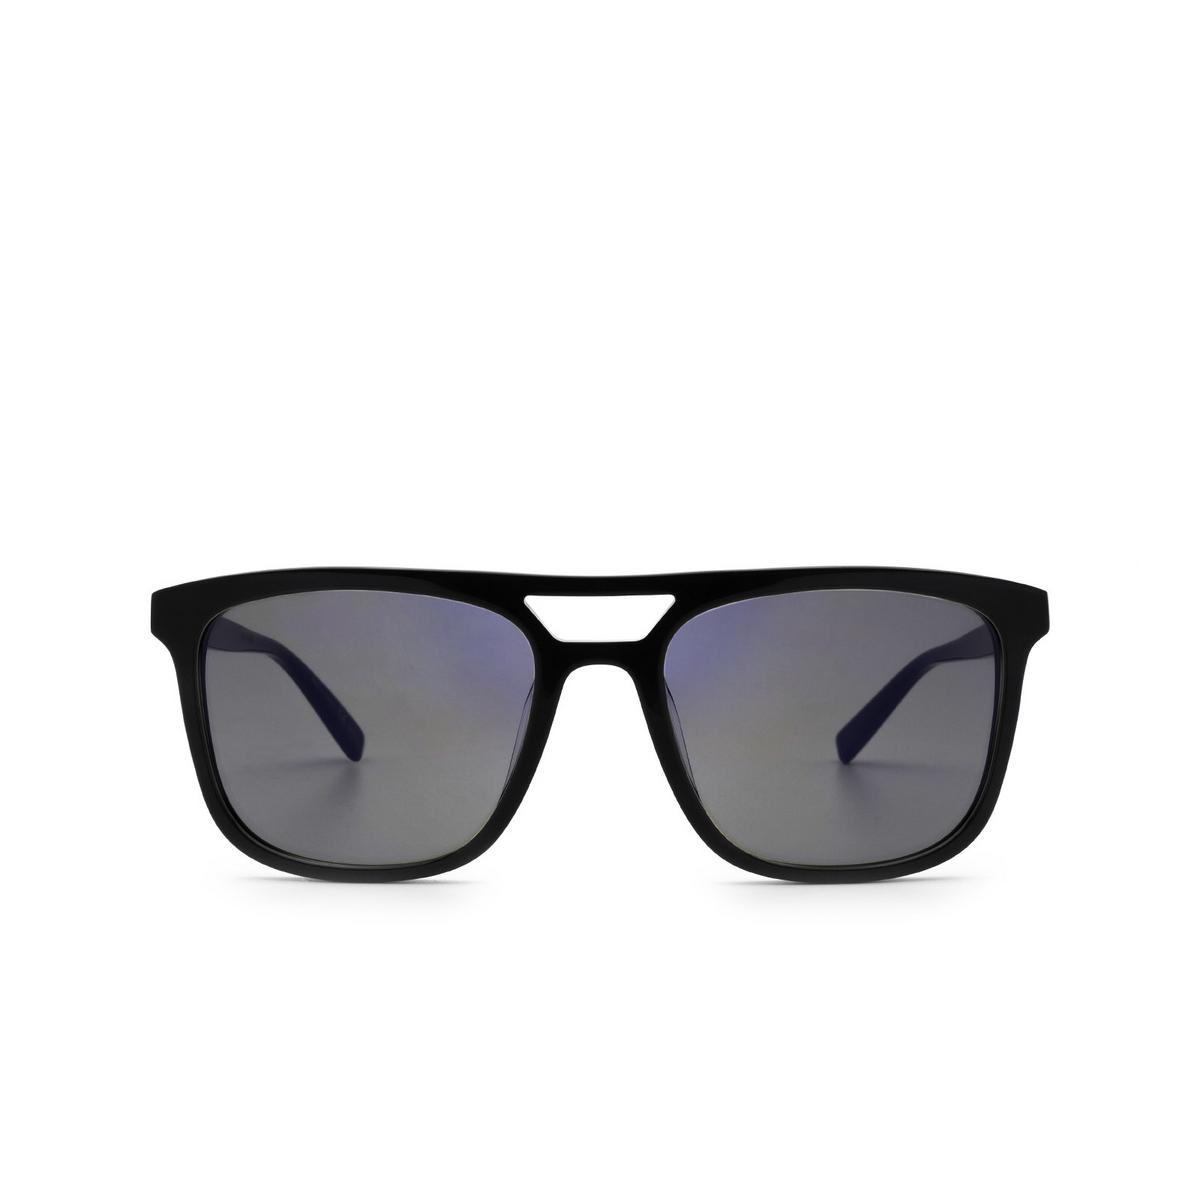 Saint Laurent® Rectangle Sunglasses: SL 455 color Black 005 - front view.